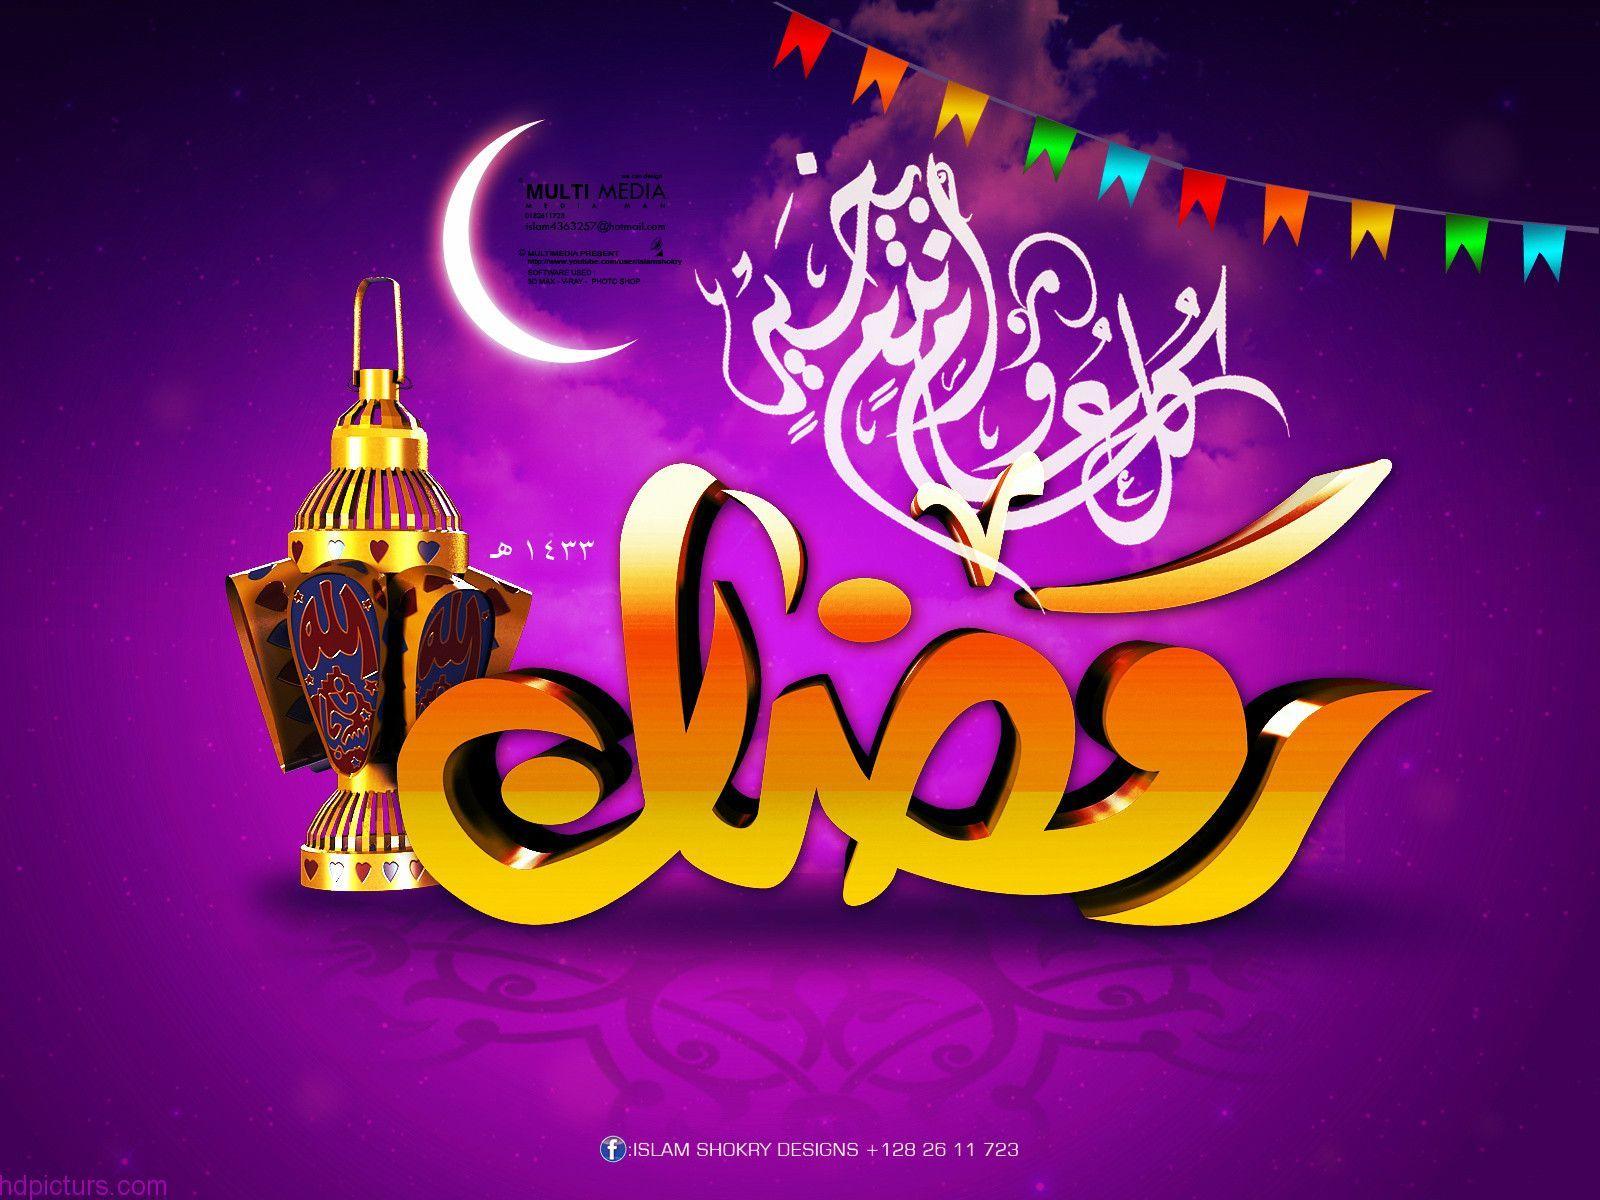 صور عن رمضان او عن هلال رمضان بحث Google Neon Signs Ramadan Ramadan Crafts